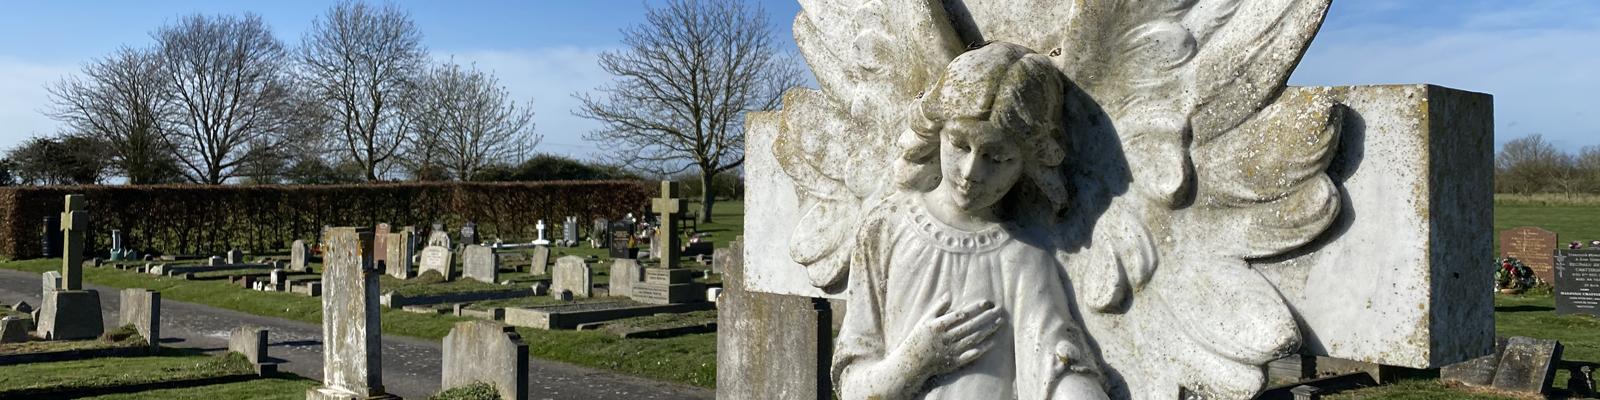 Tollesbury Parish Council, Cemetery, Gravestones